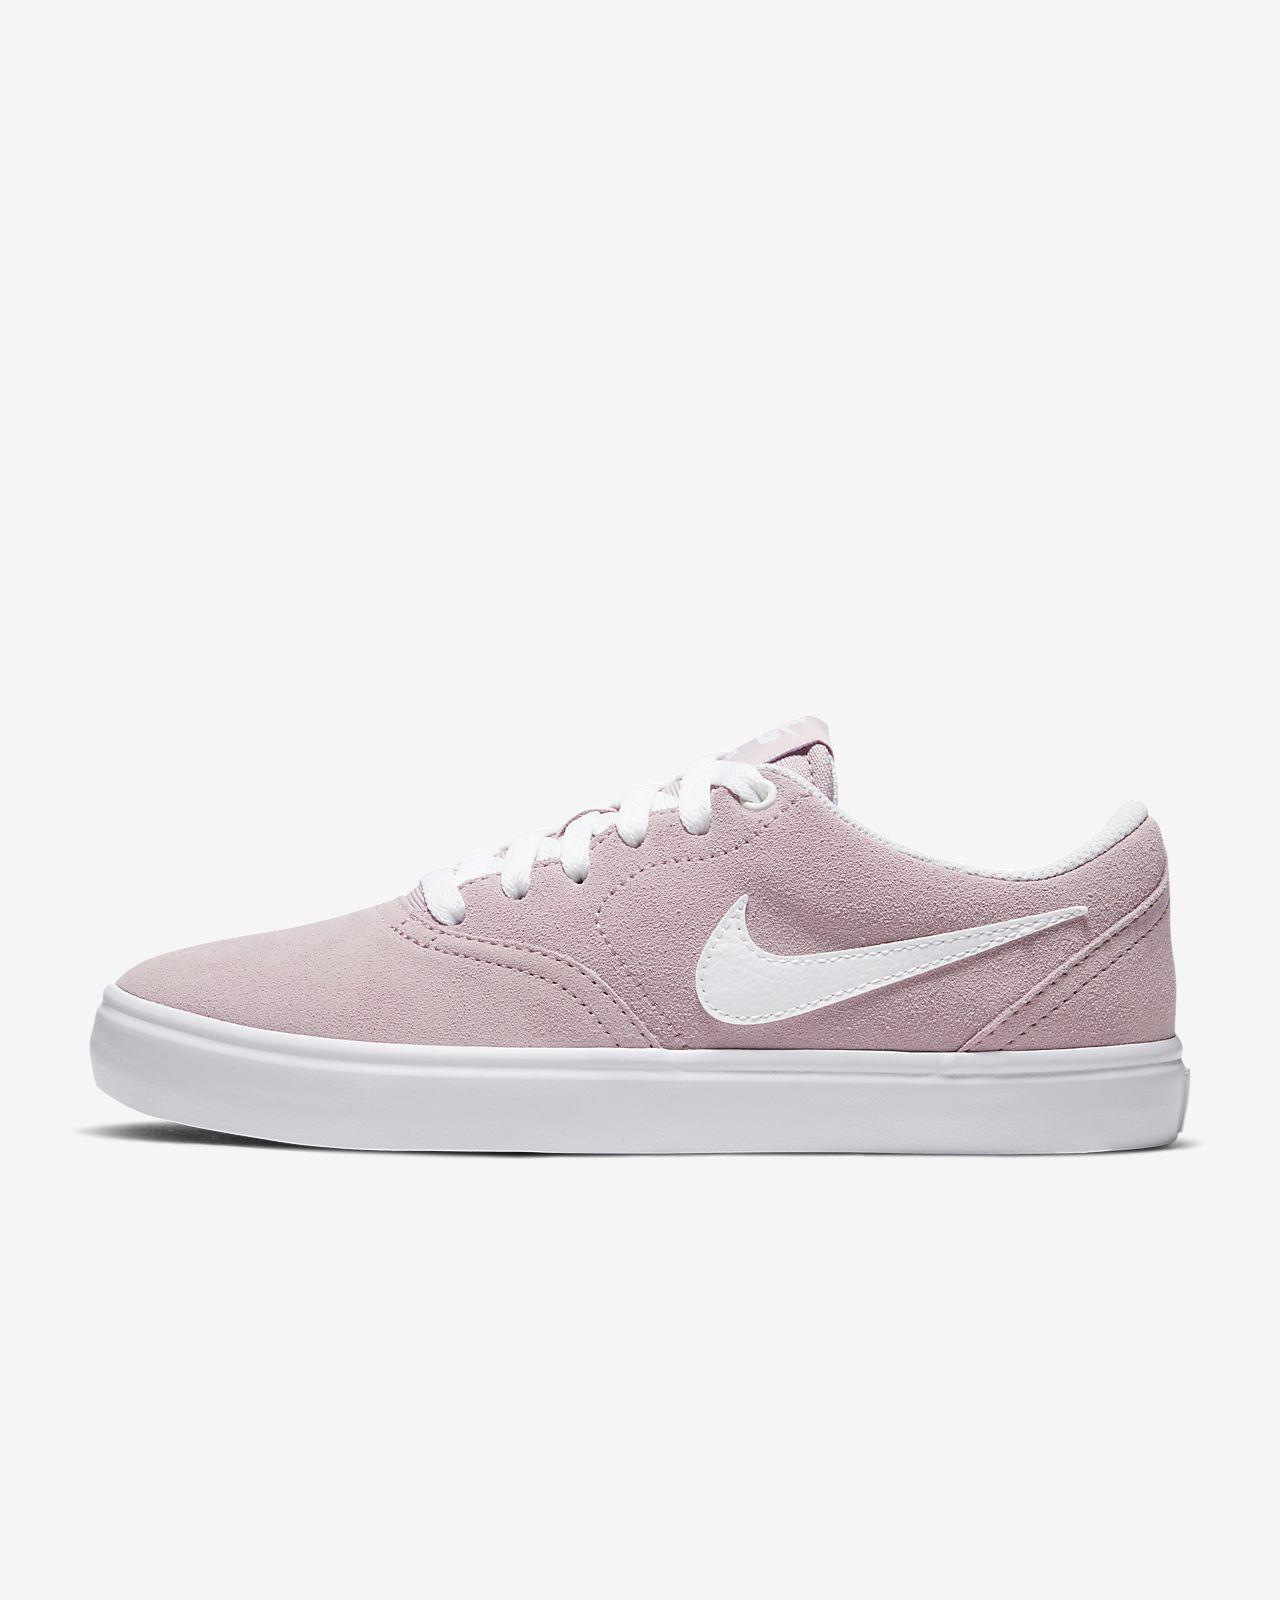 Nike SB Check Solarsoft Women's Skate